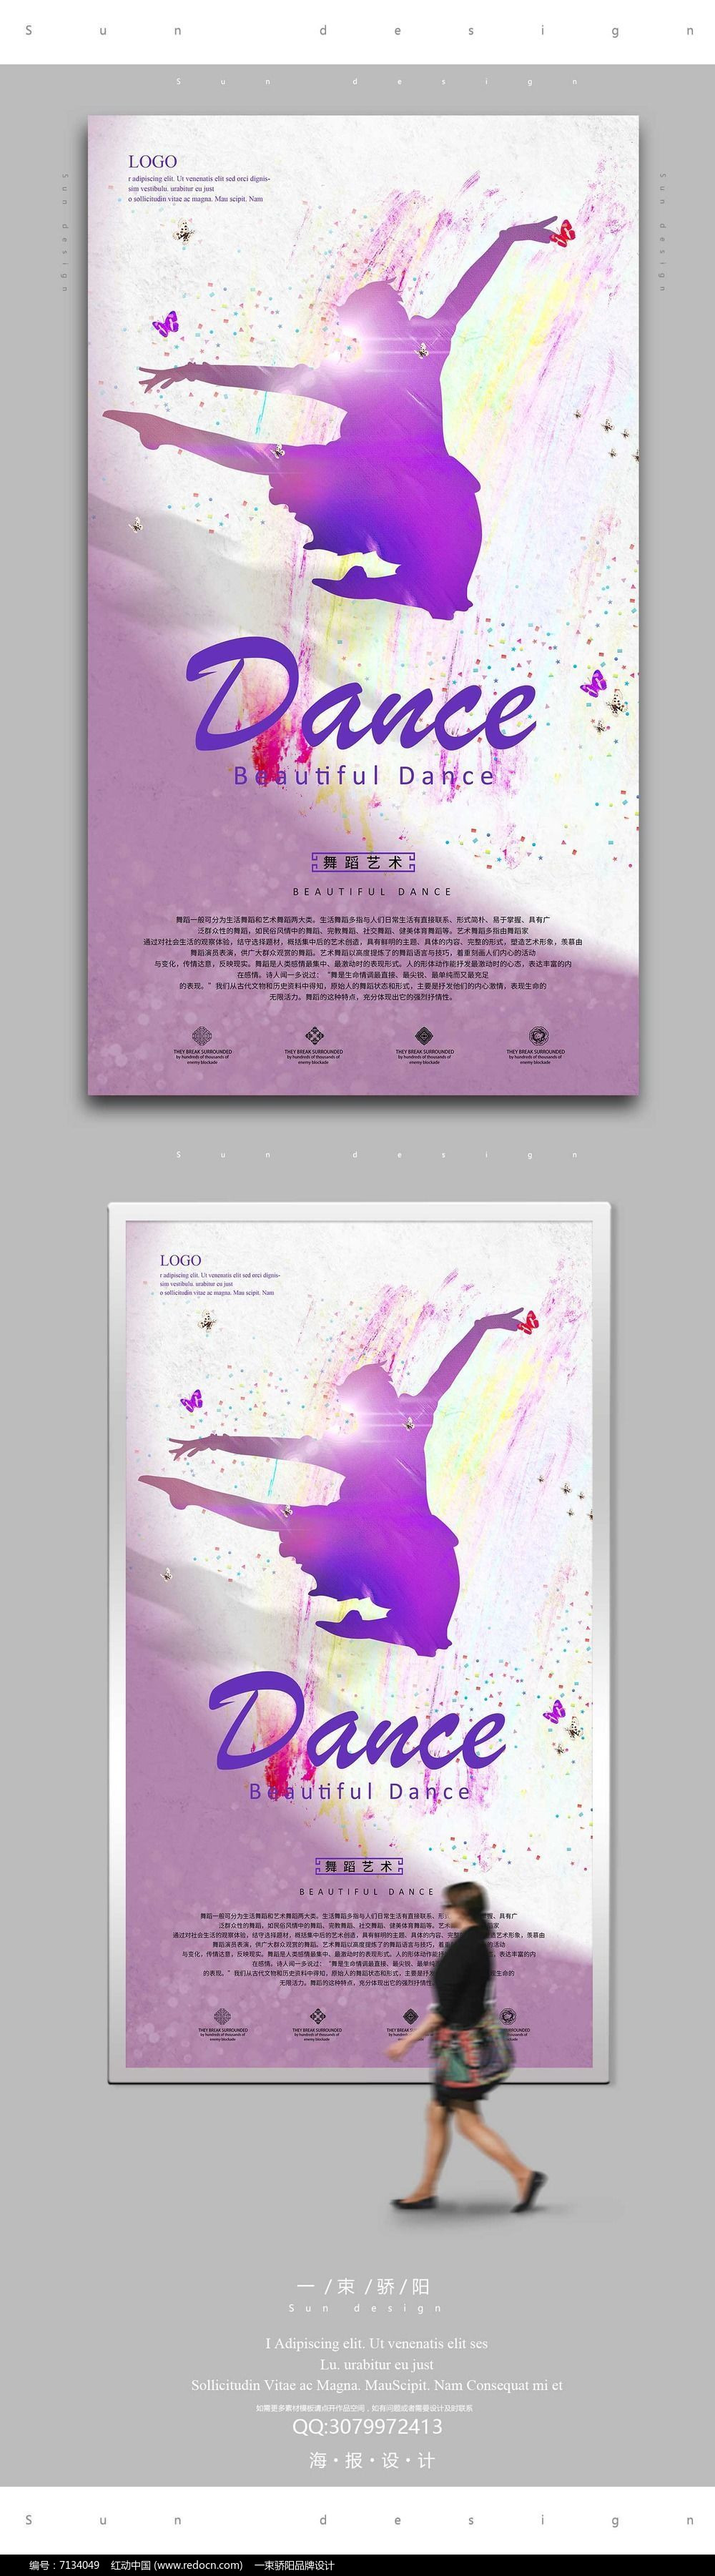 简约紫色水彩舞蹈海报设计PSD